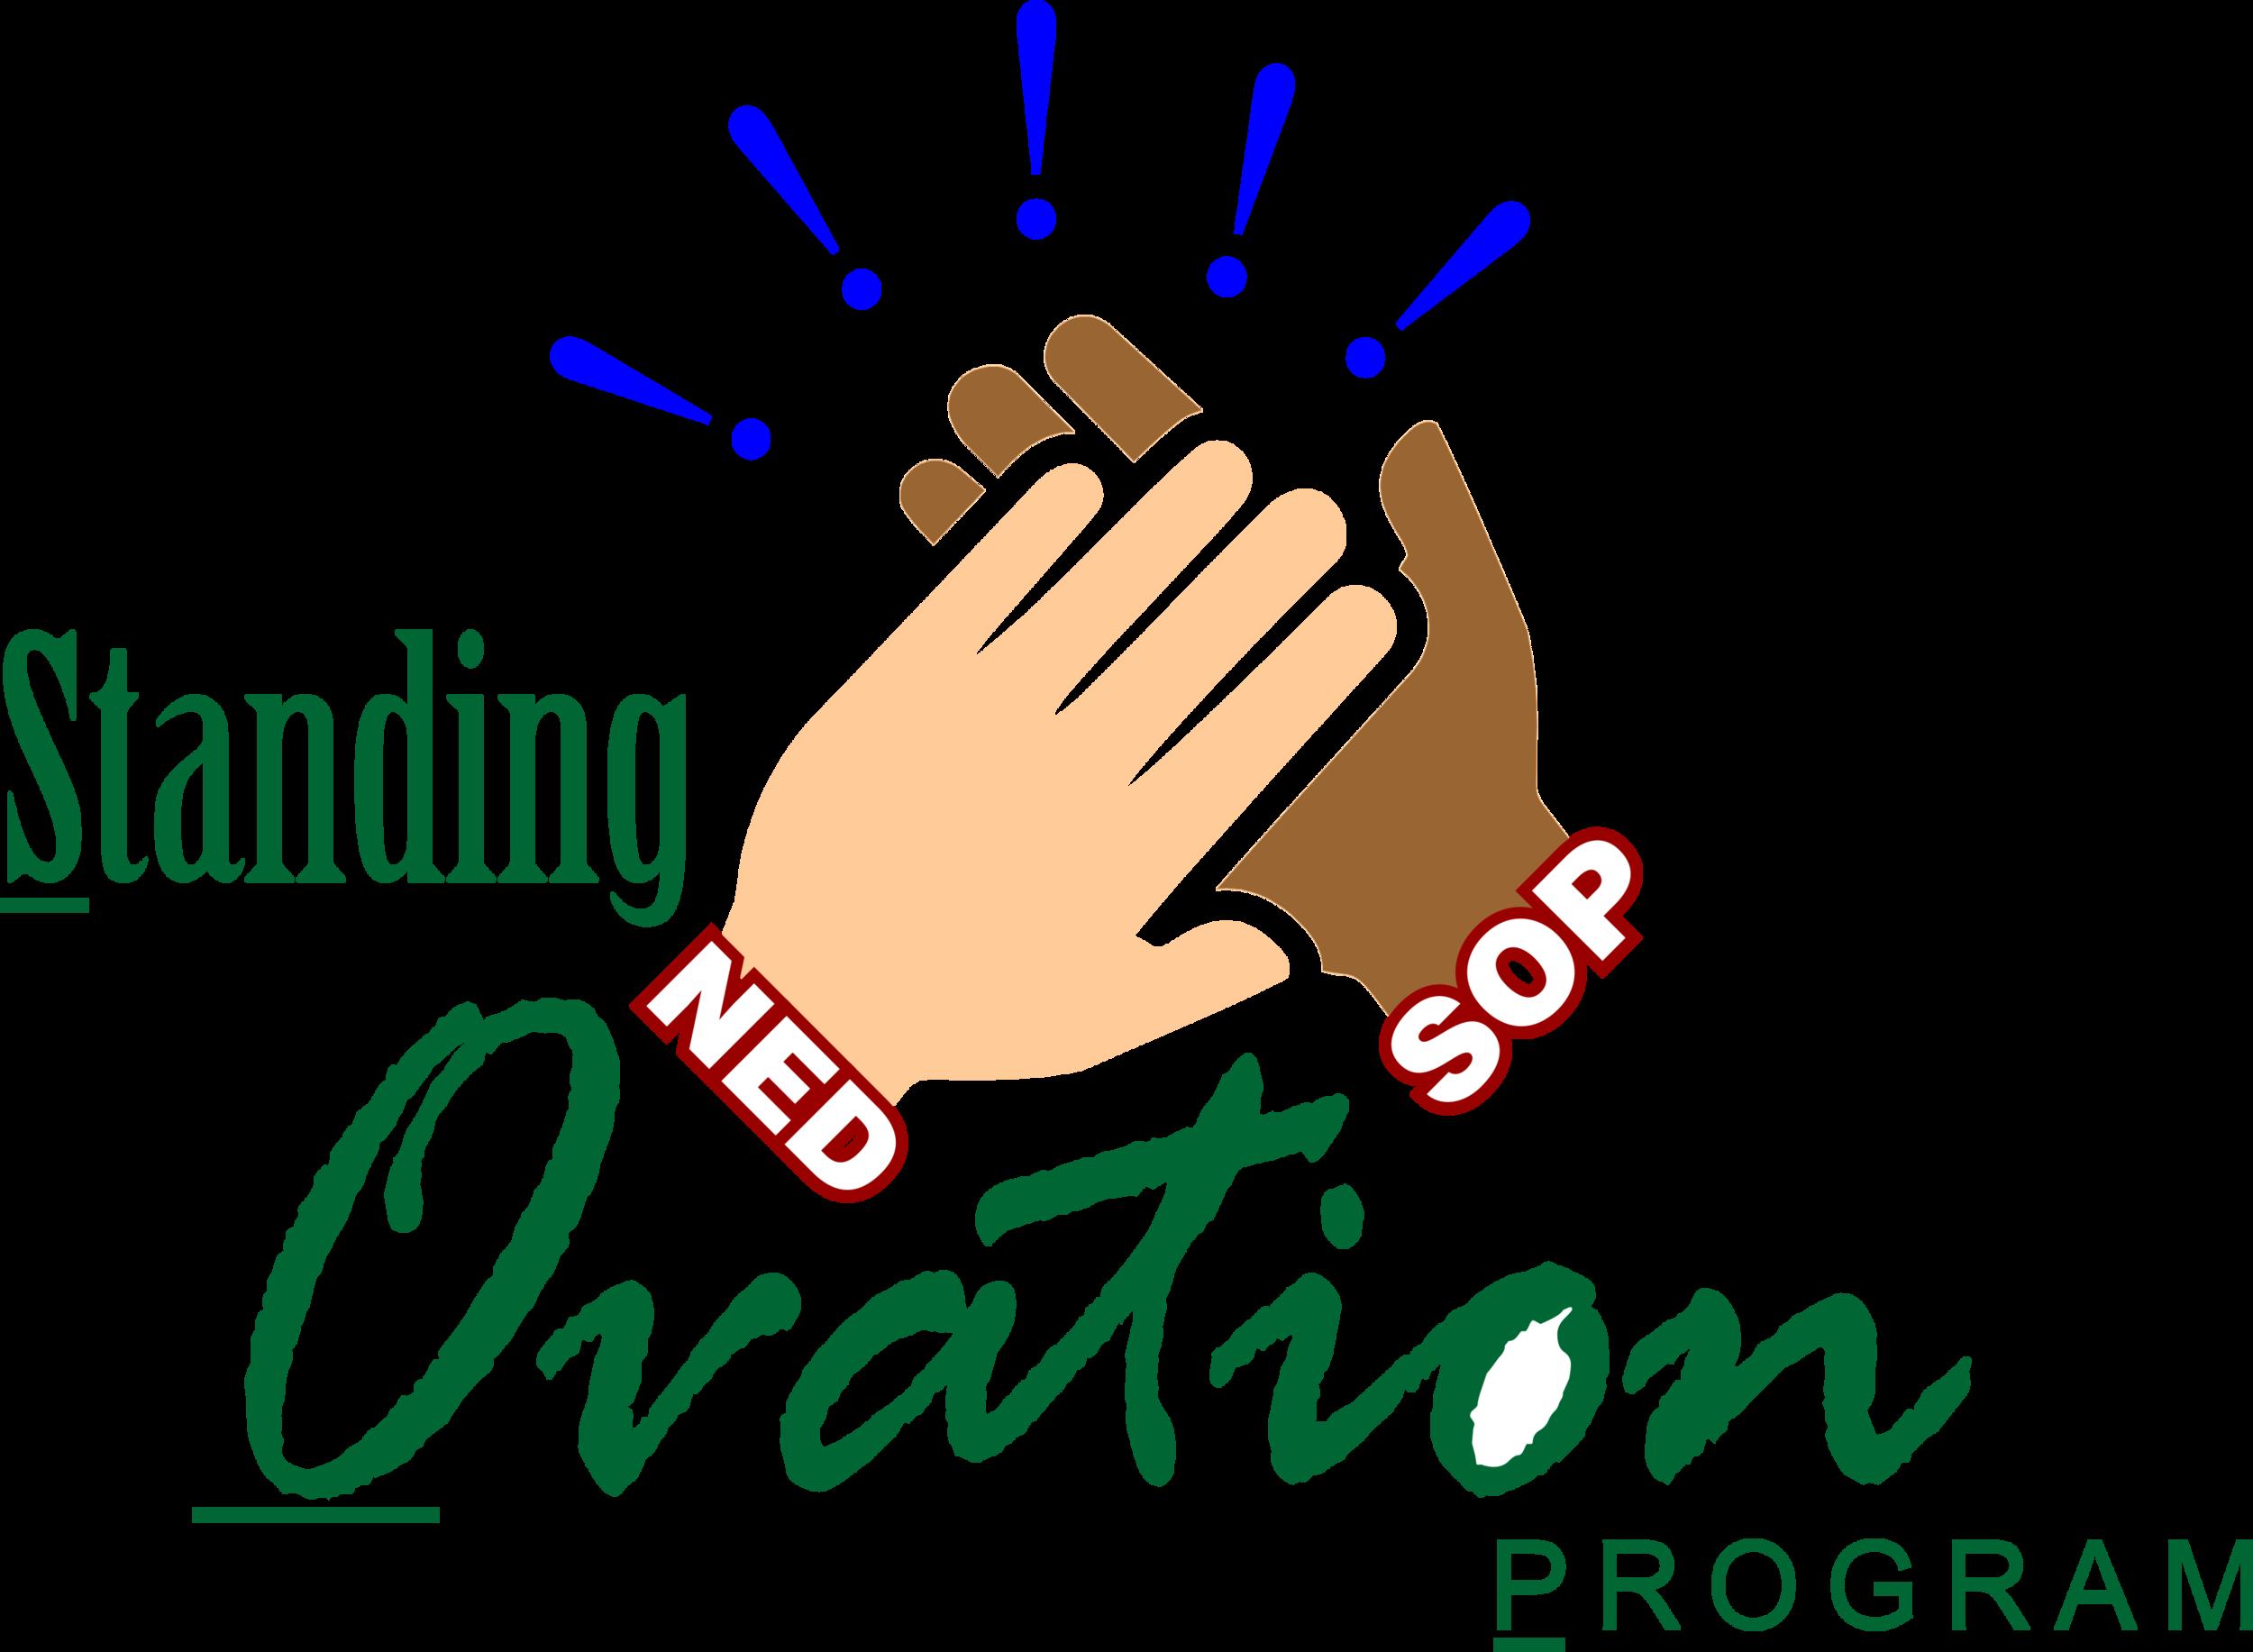 NED Standing Ovation Program.jpg